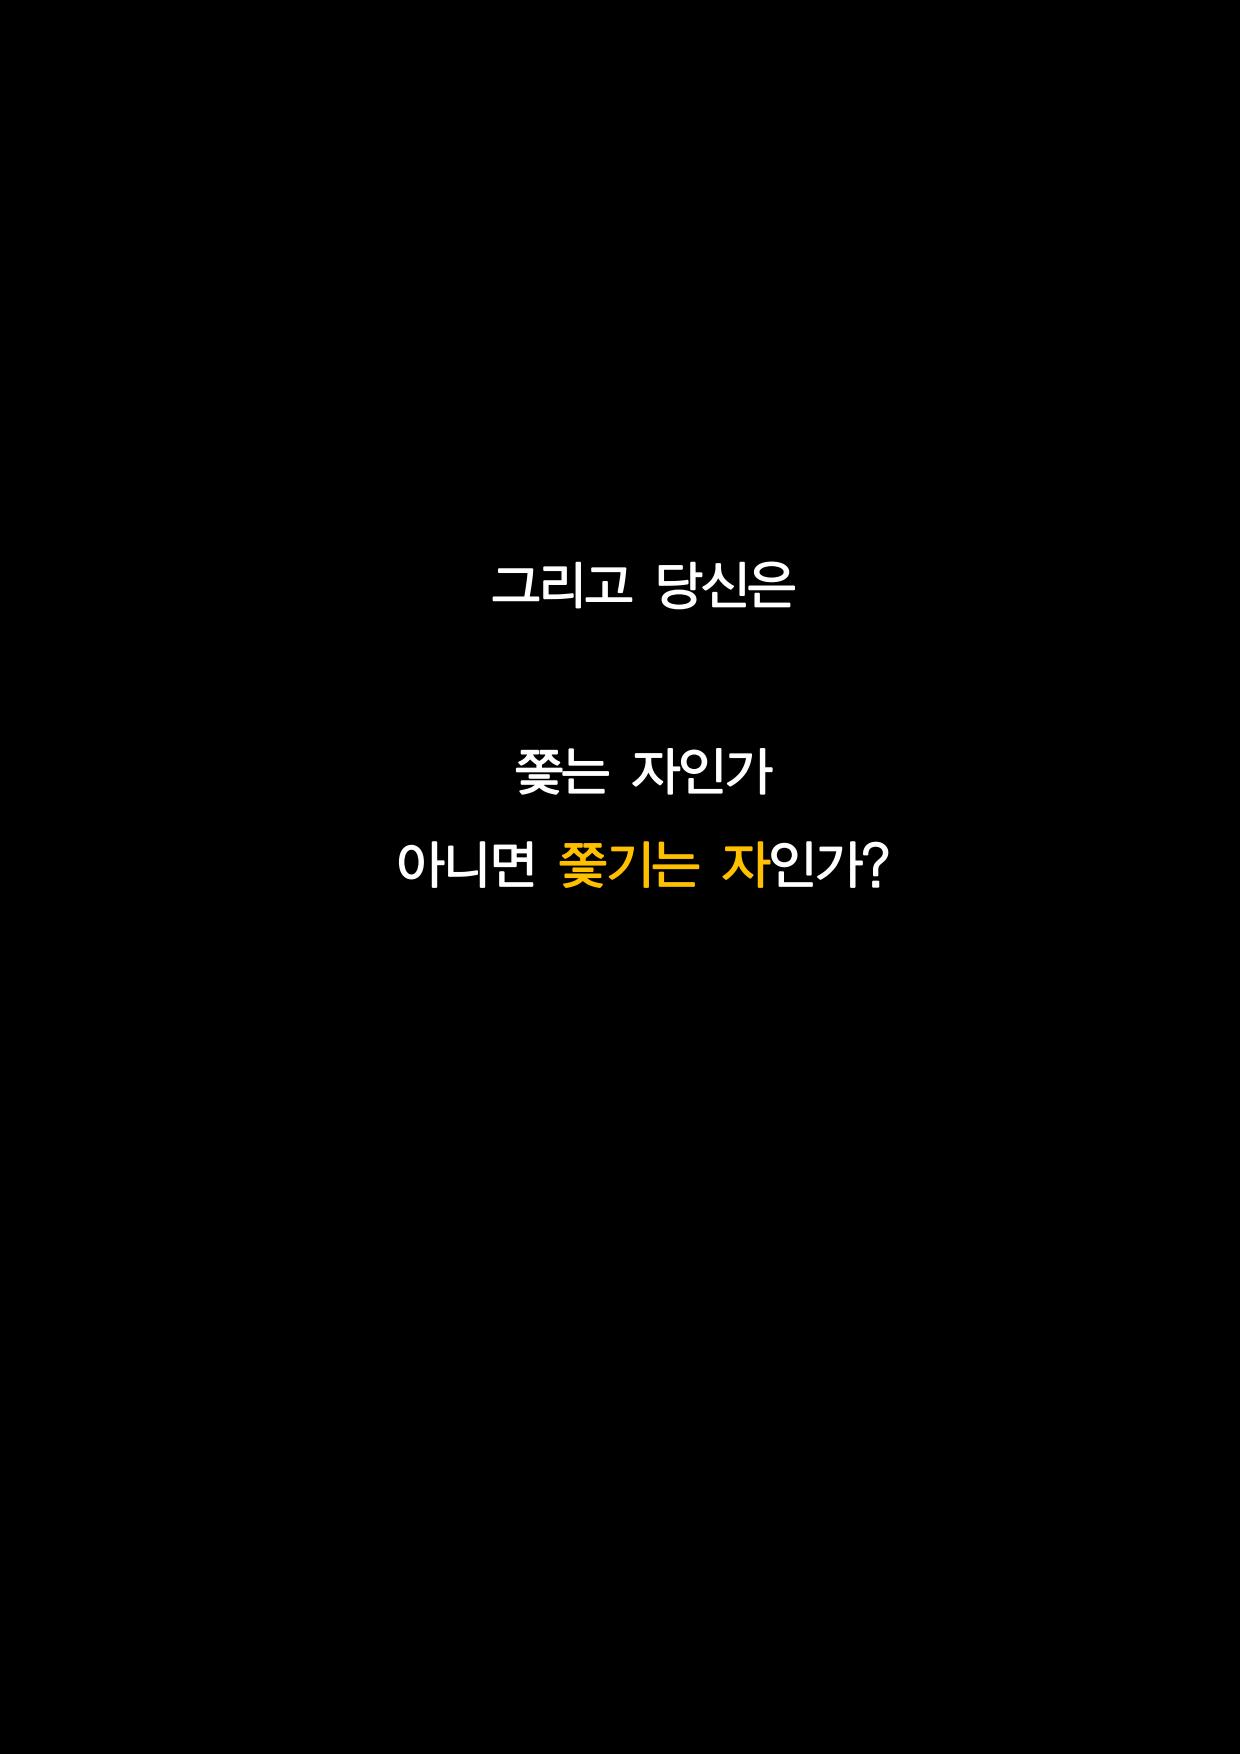 본 머티리어 1회차 홍보글(폰트 포함)_12.png